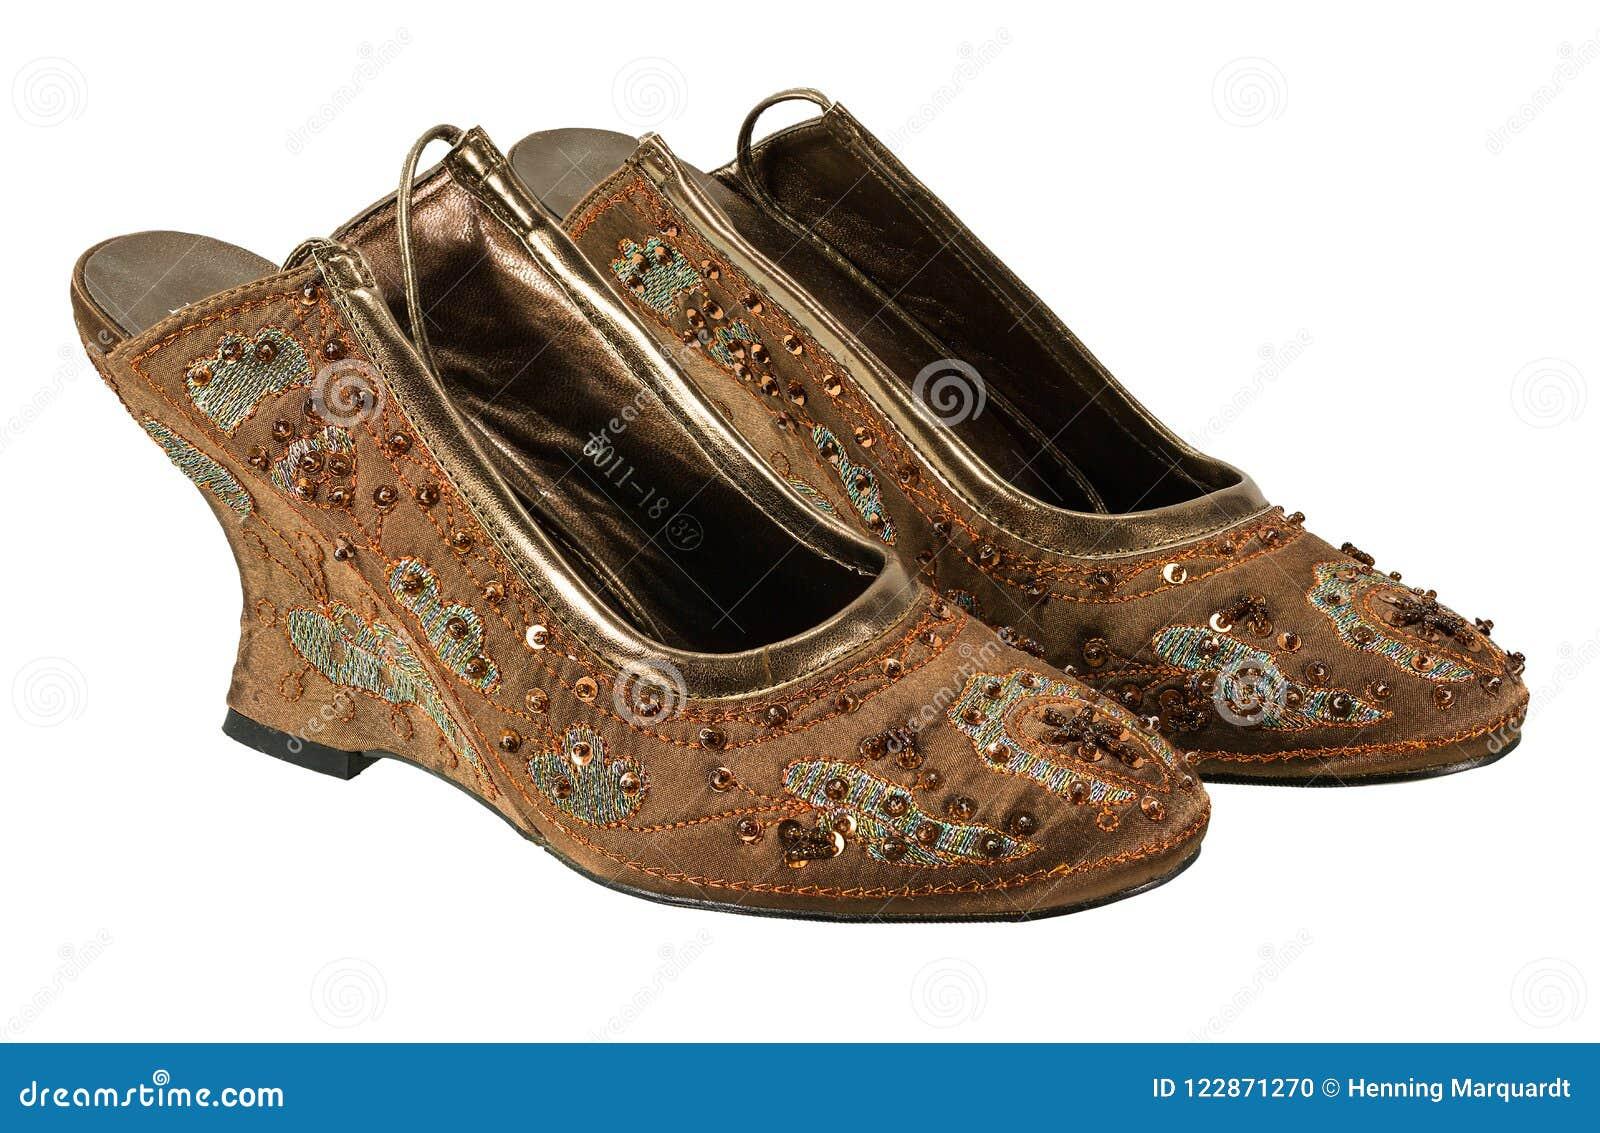 Lentejuelas De Marrones Con Zapatos Foto Rico Archivo Par Un 5qjAR34L